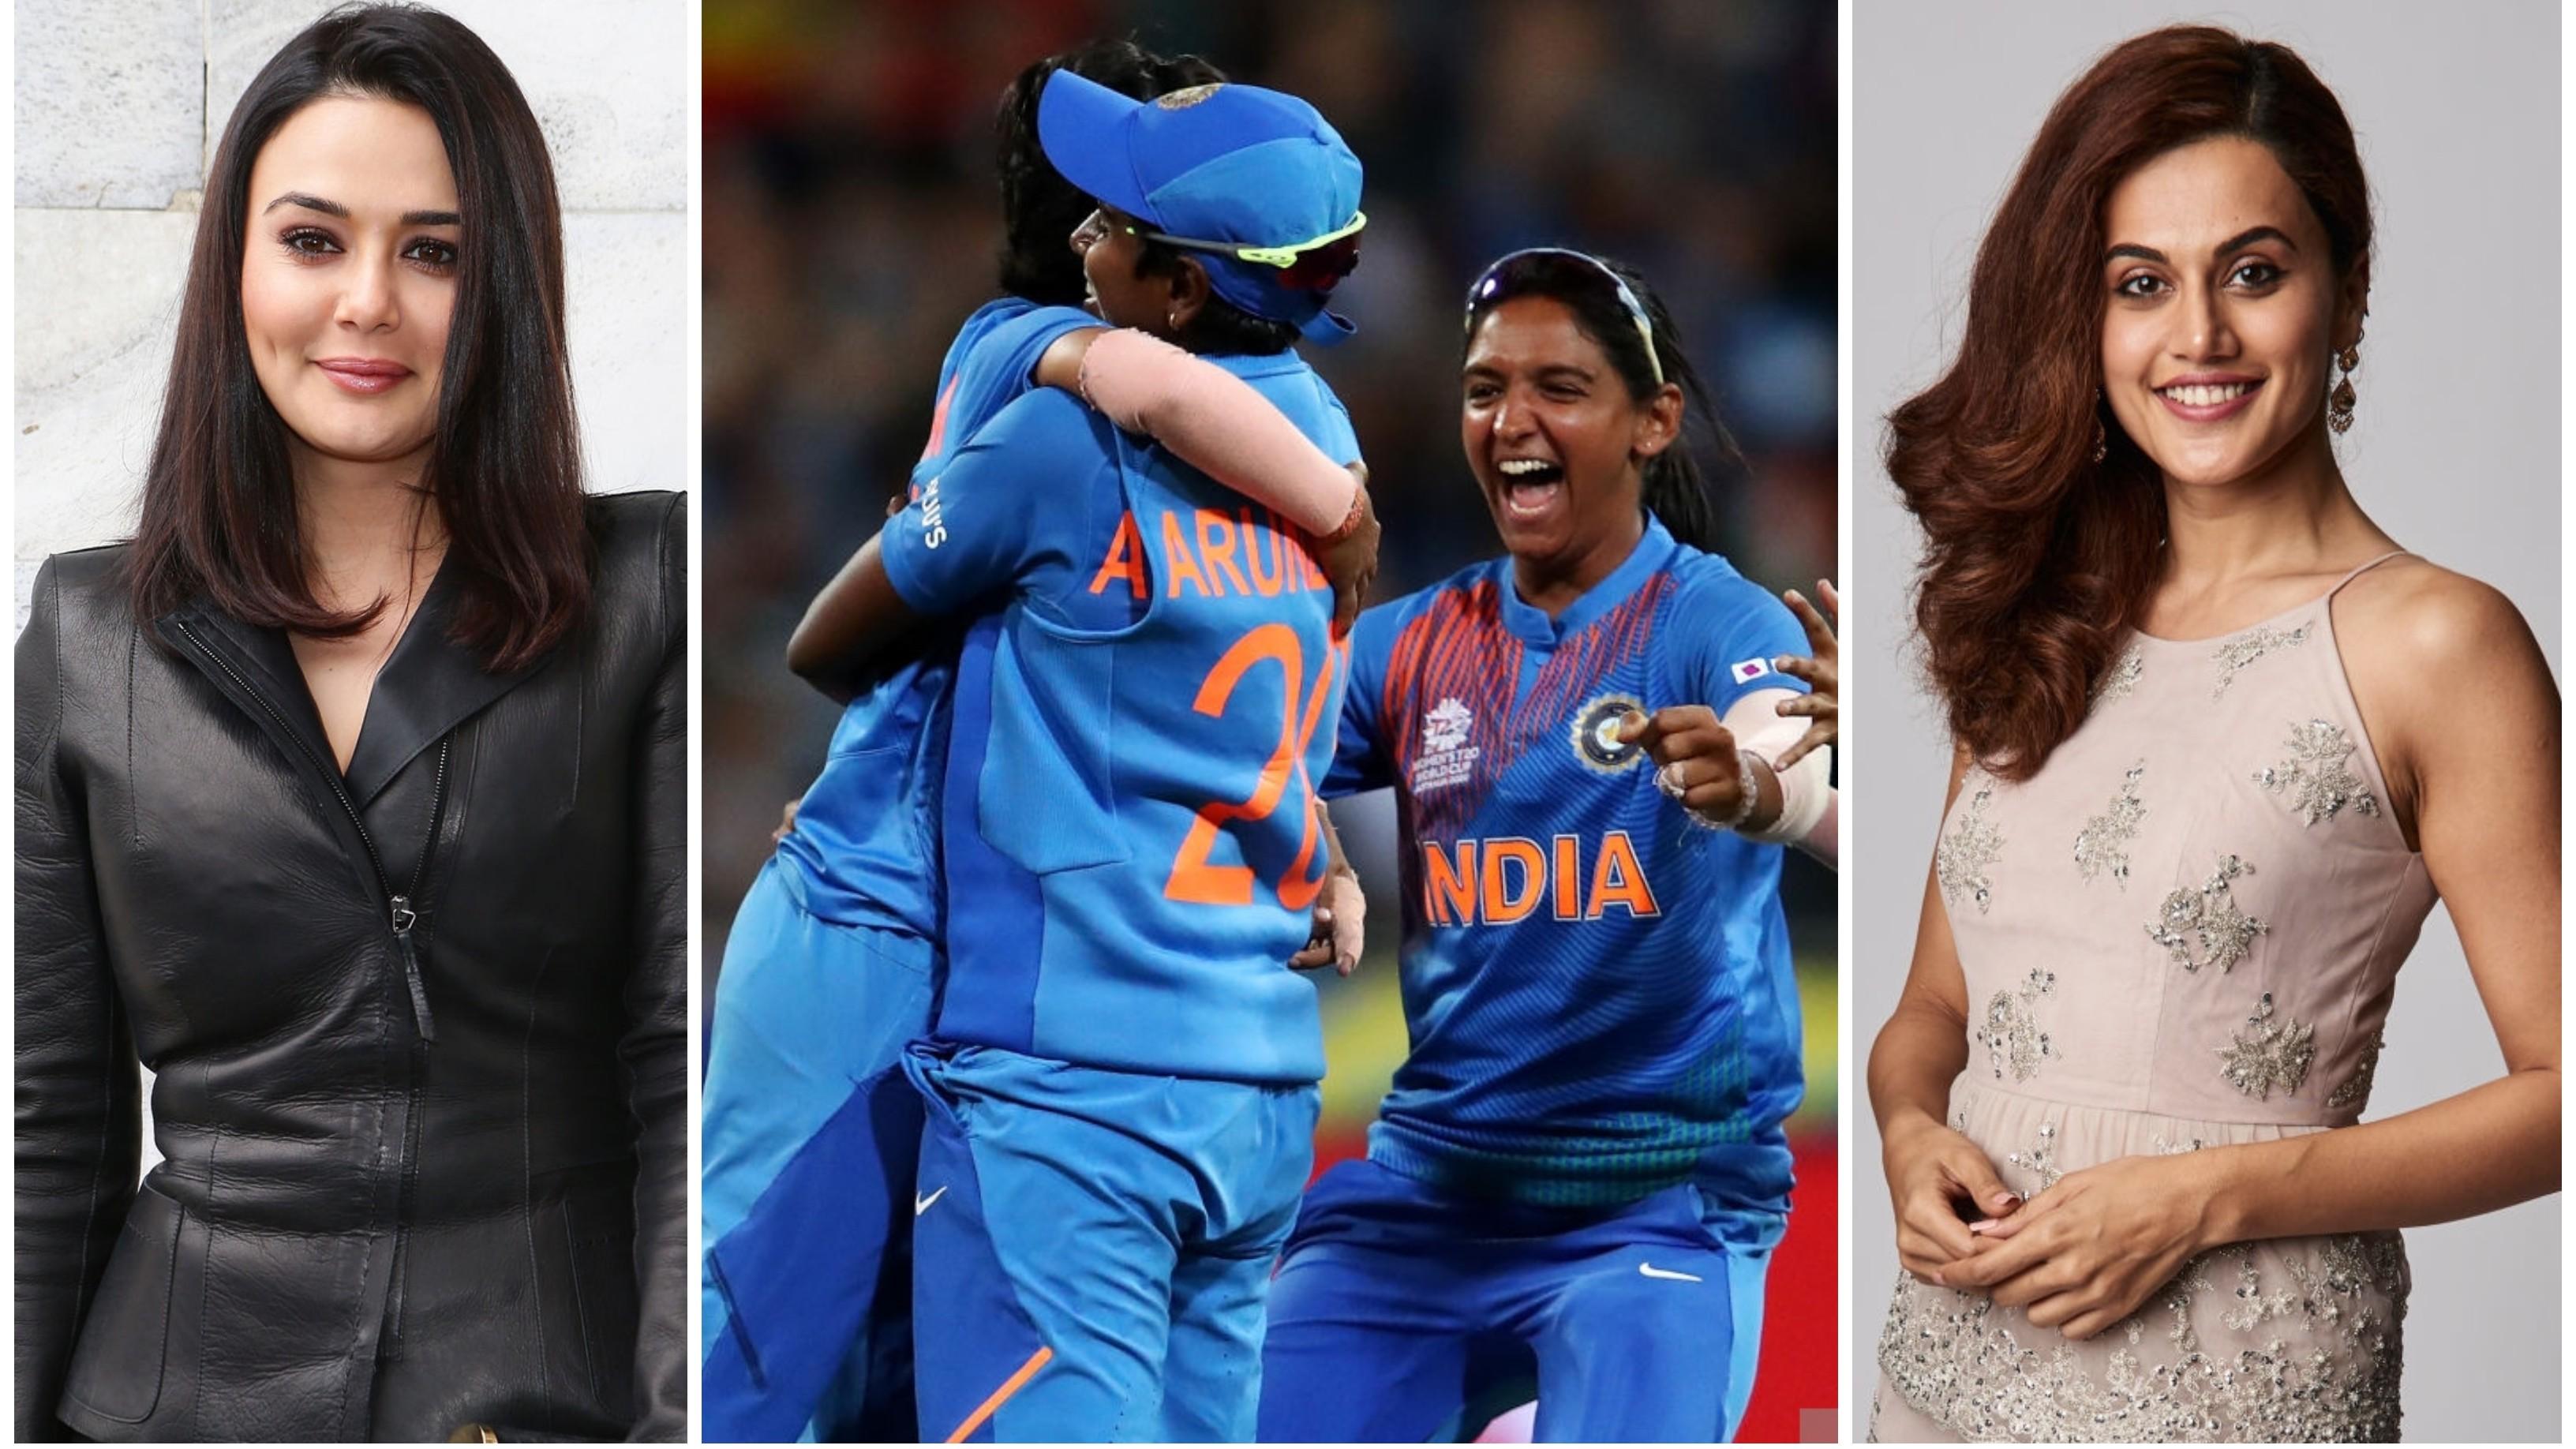 Women's T20WC 2020 : तापसी पन्नू और प्रीति जिंटा ने बांग्लादेश के खिलाफ जीत पर भारतीय टीम को दी बधाई